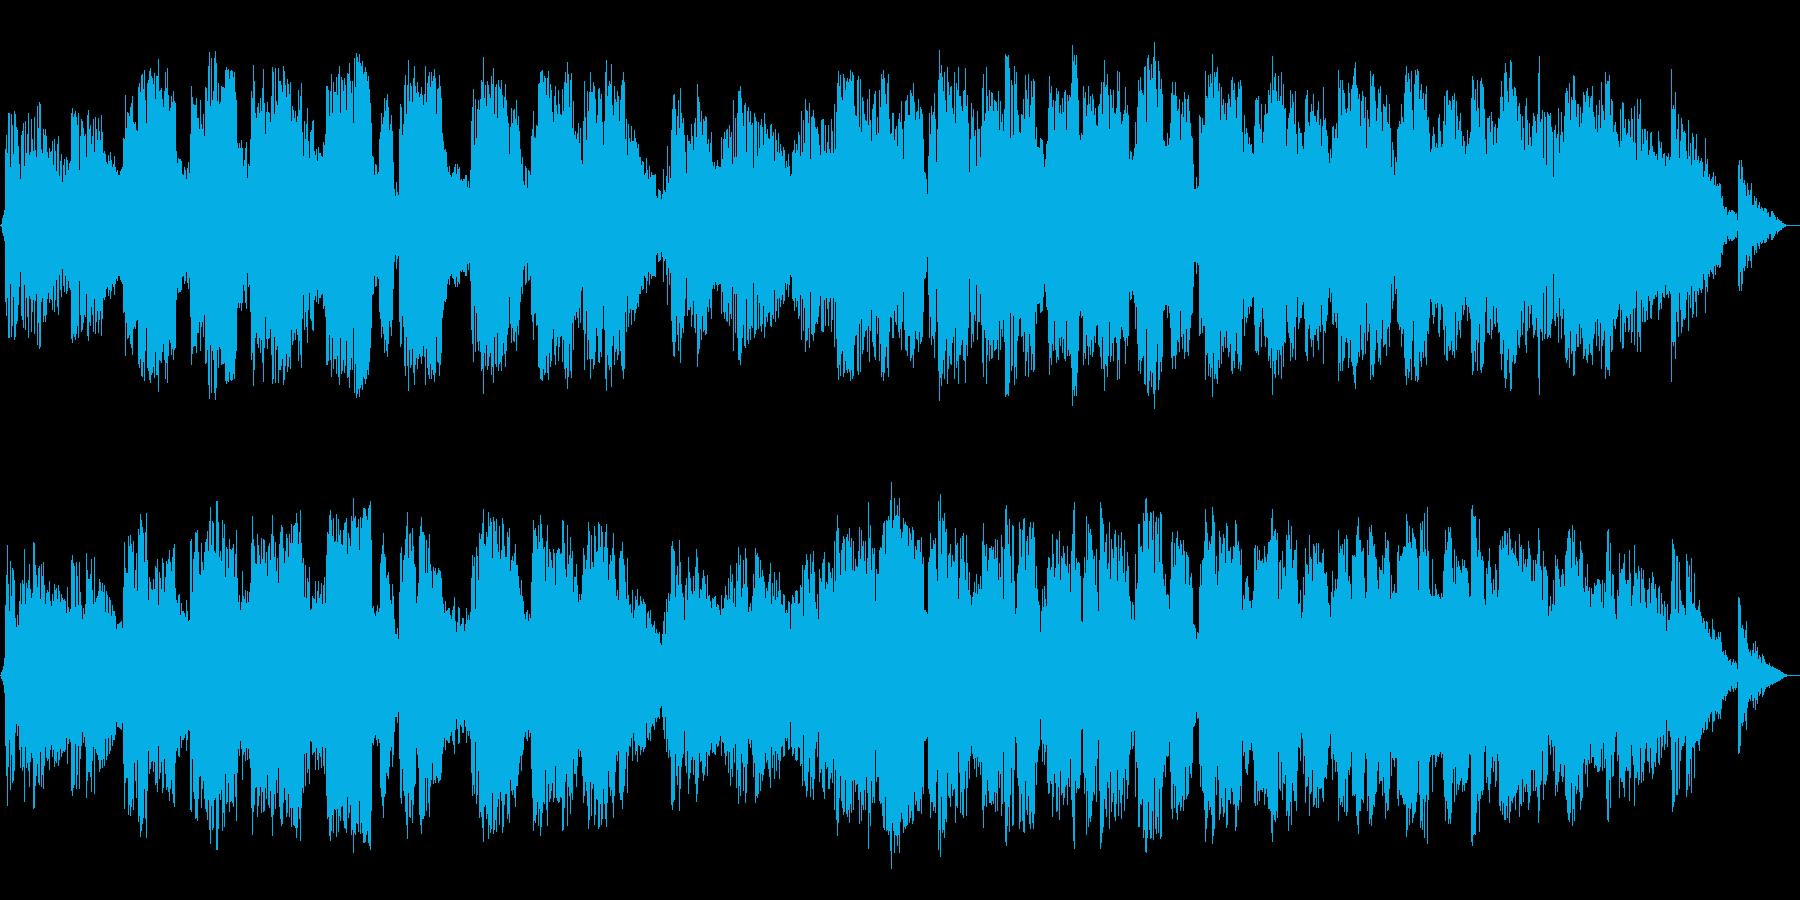 ひっそりとした竹笛のヒーリング瞑想音楽の再生済みの波形